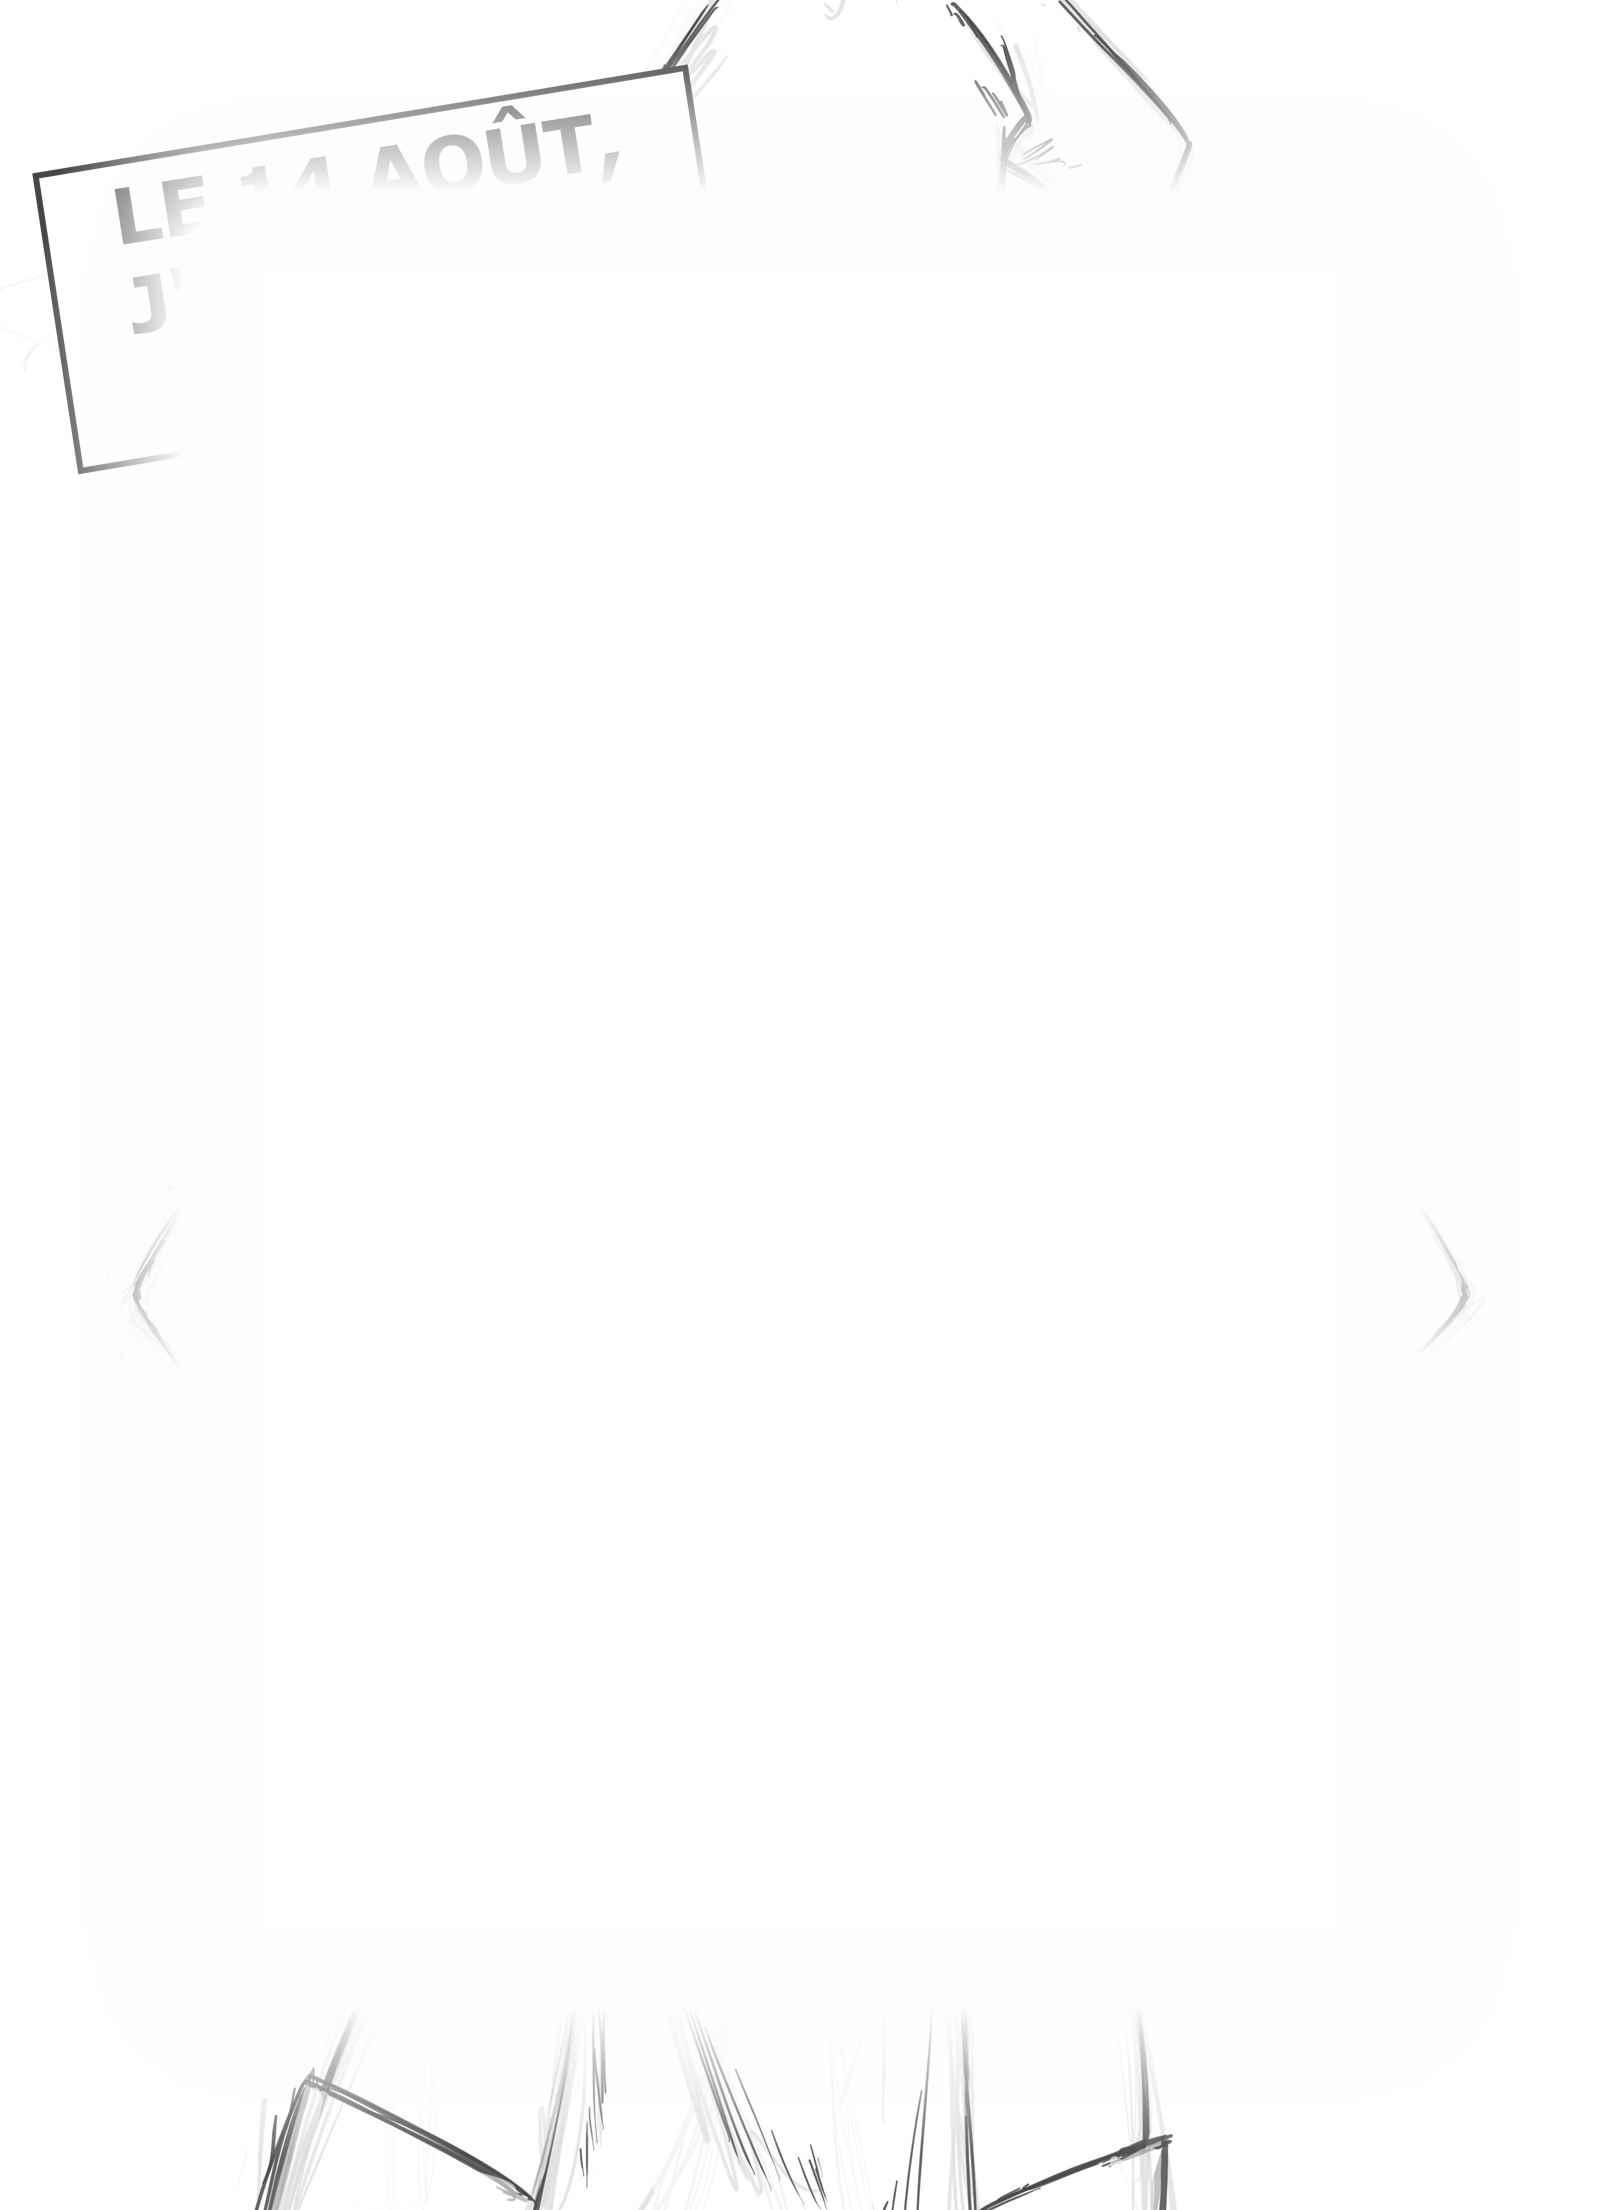 Hémisphères : Chapitre 17 page 1